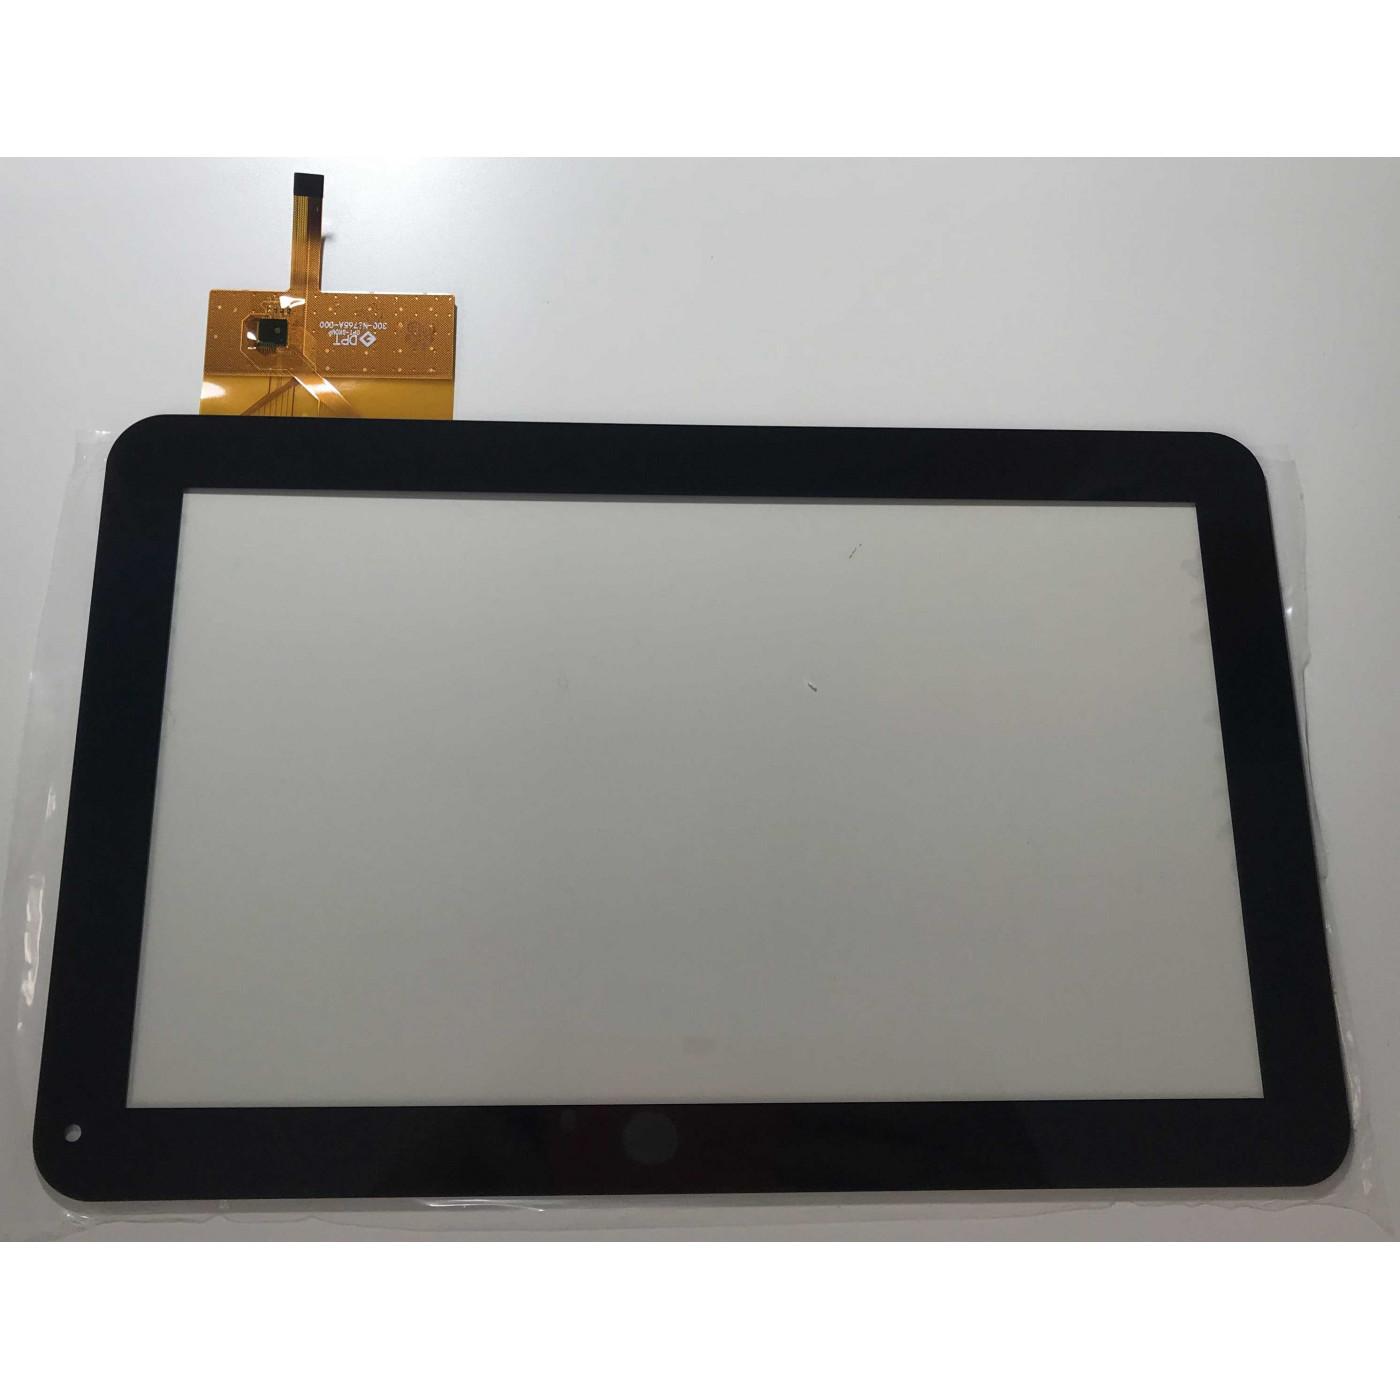 ECRAN TACTILE 1040S2 MEDIACOM SMARTPAD M-MP1040S2 VERRE